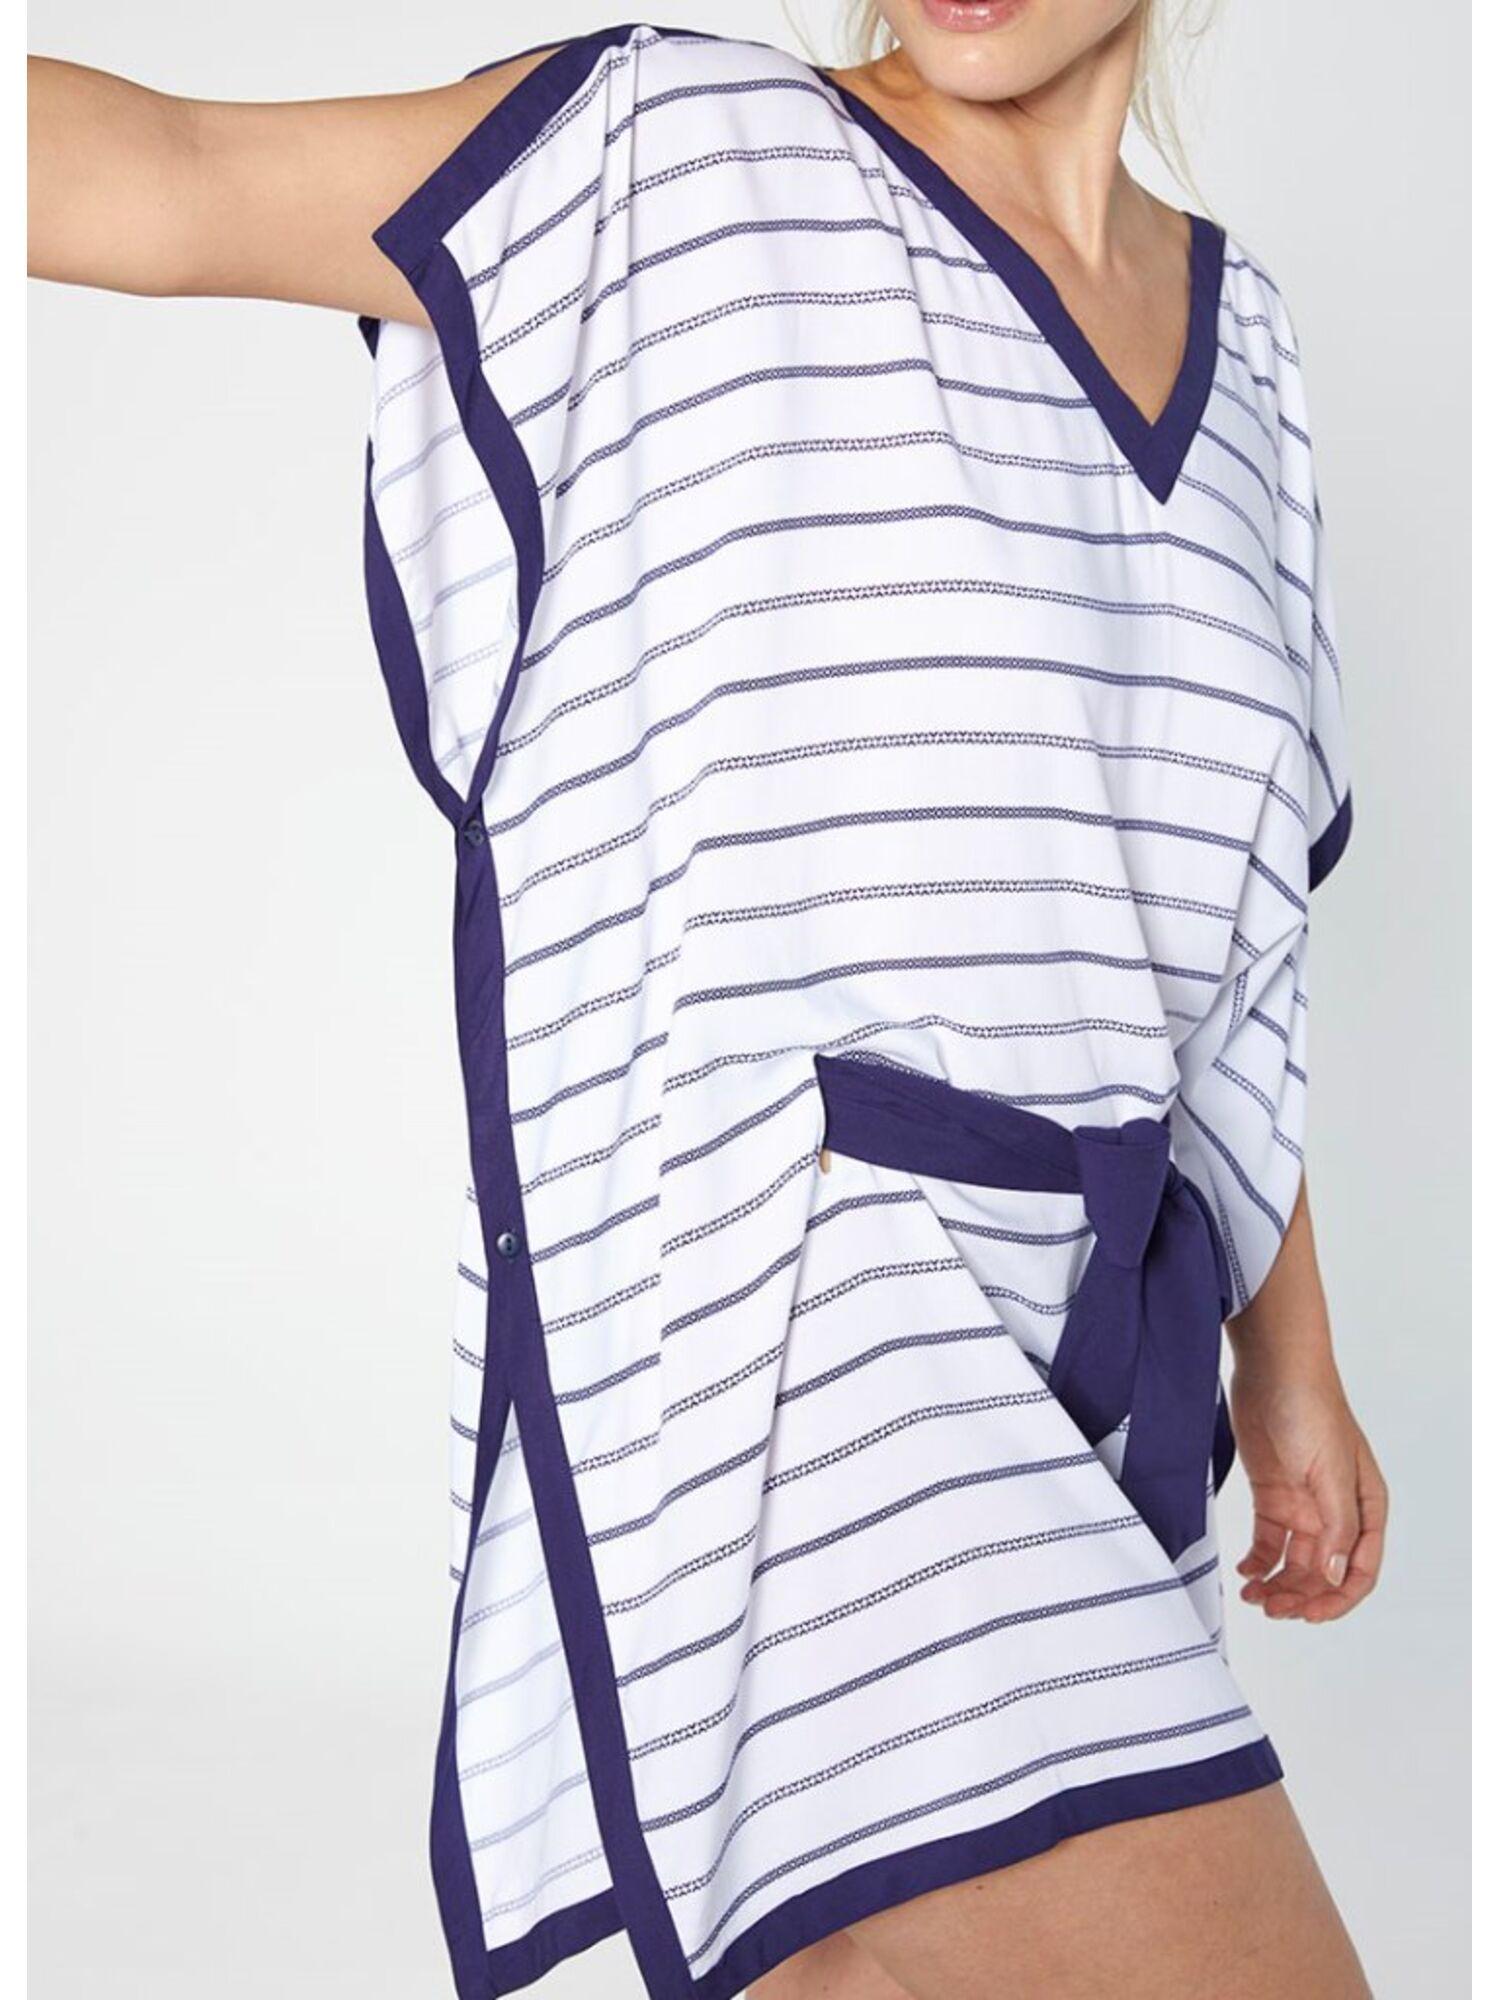 Женское платье-парео пляжное из вискозы 85667 белый, Ysabel Mora (Испания)